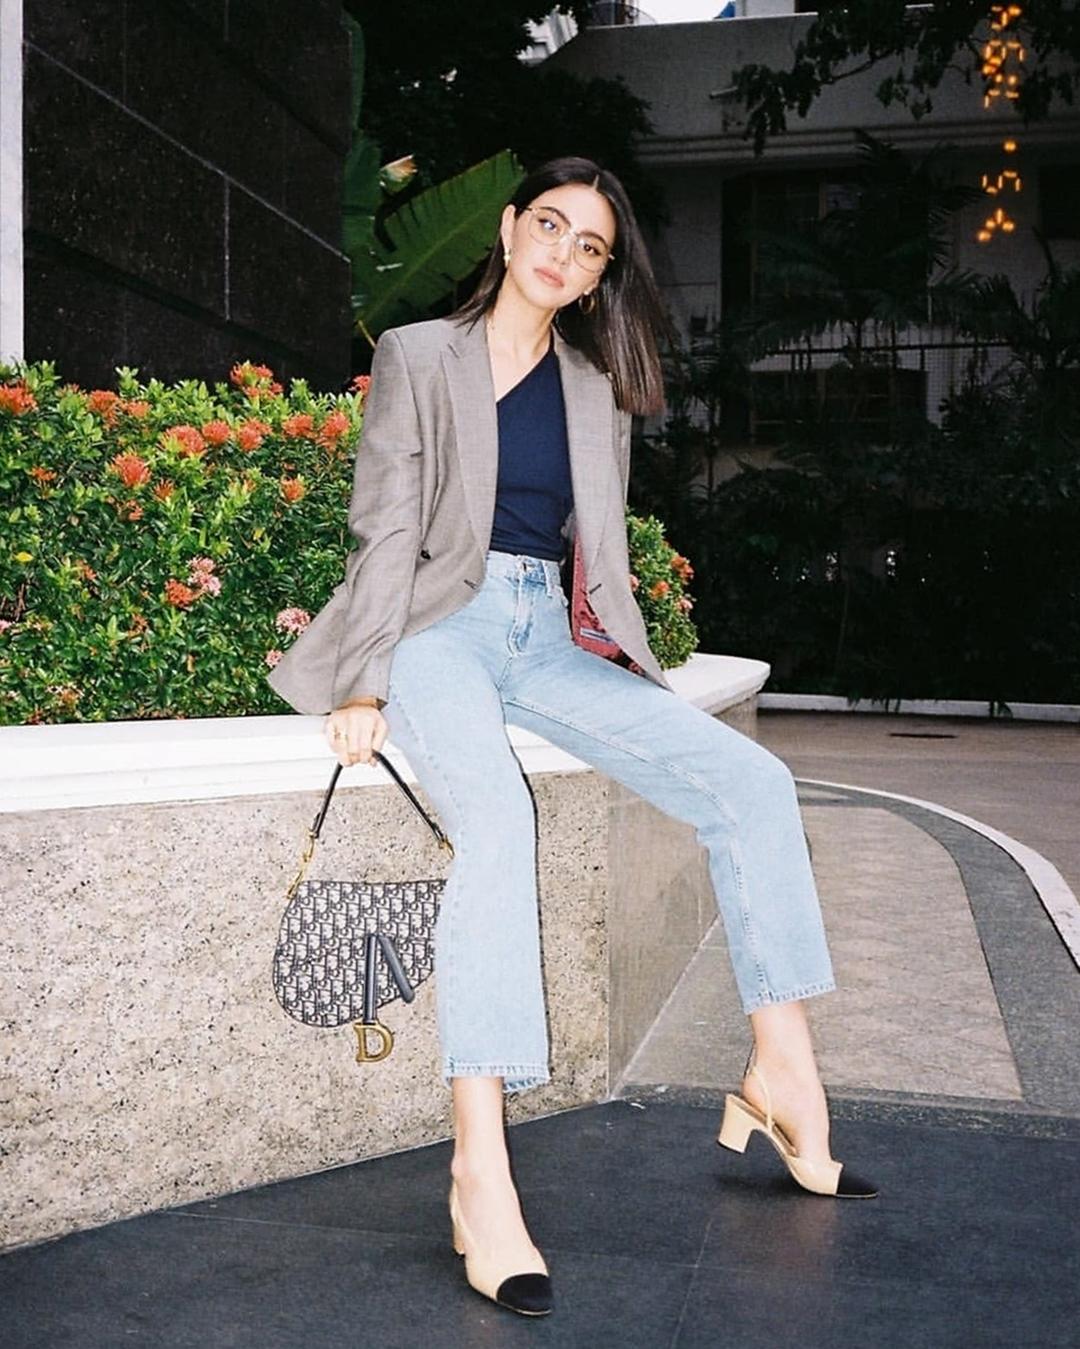 Mai tạo dáng cá tính, xách túi yên ngựa của Dior trong chuyến dạo phố ở Bangkok (Thái Lan) năm 2019.